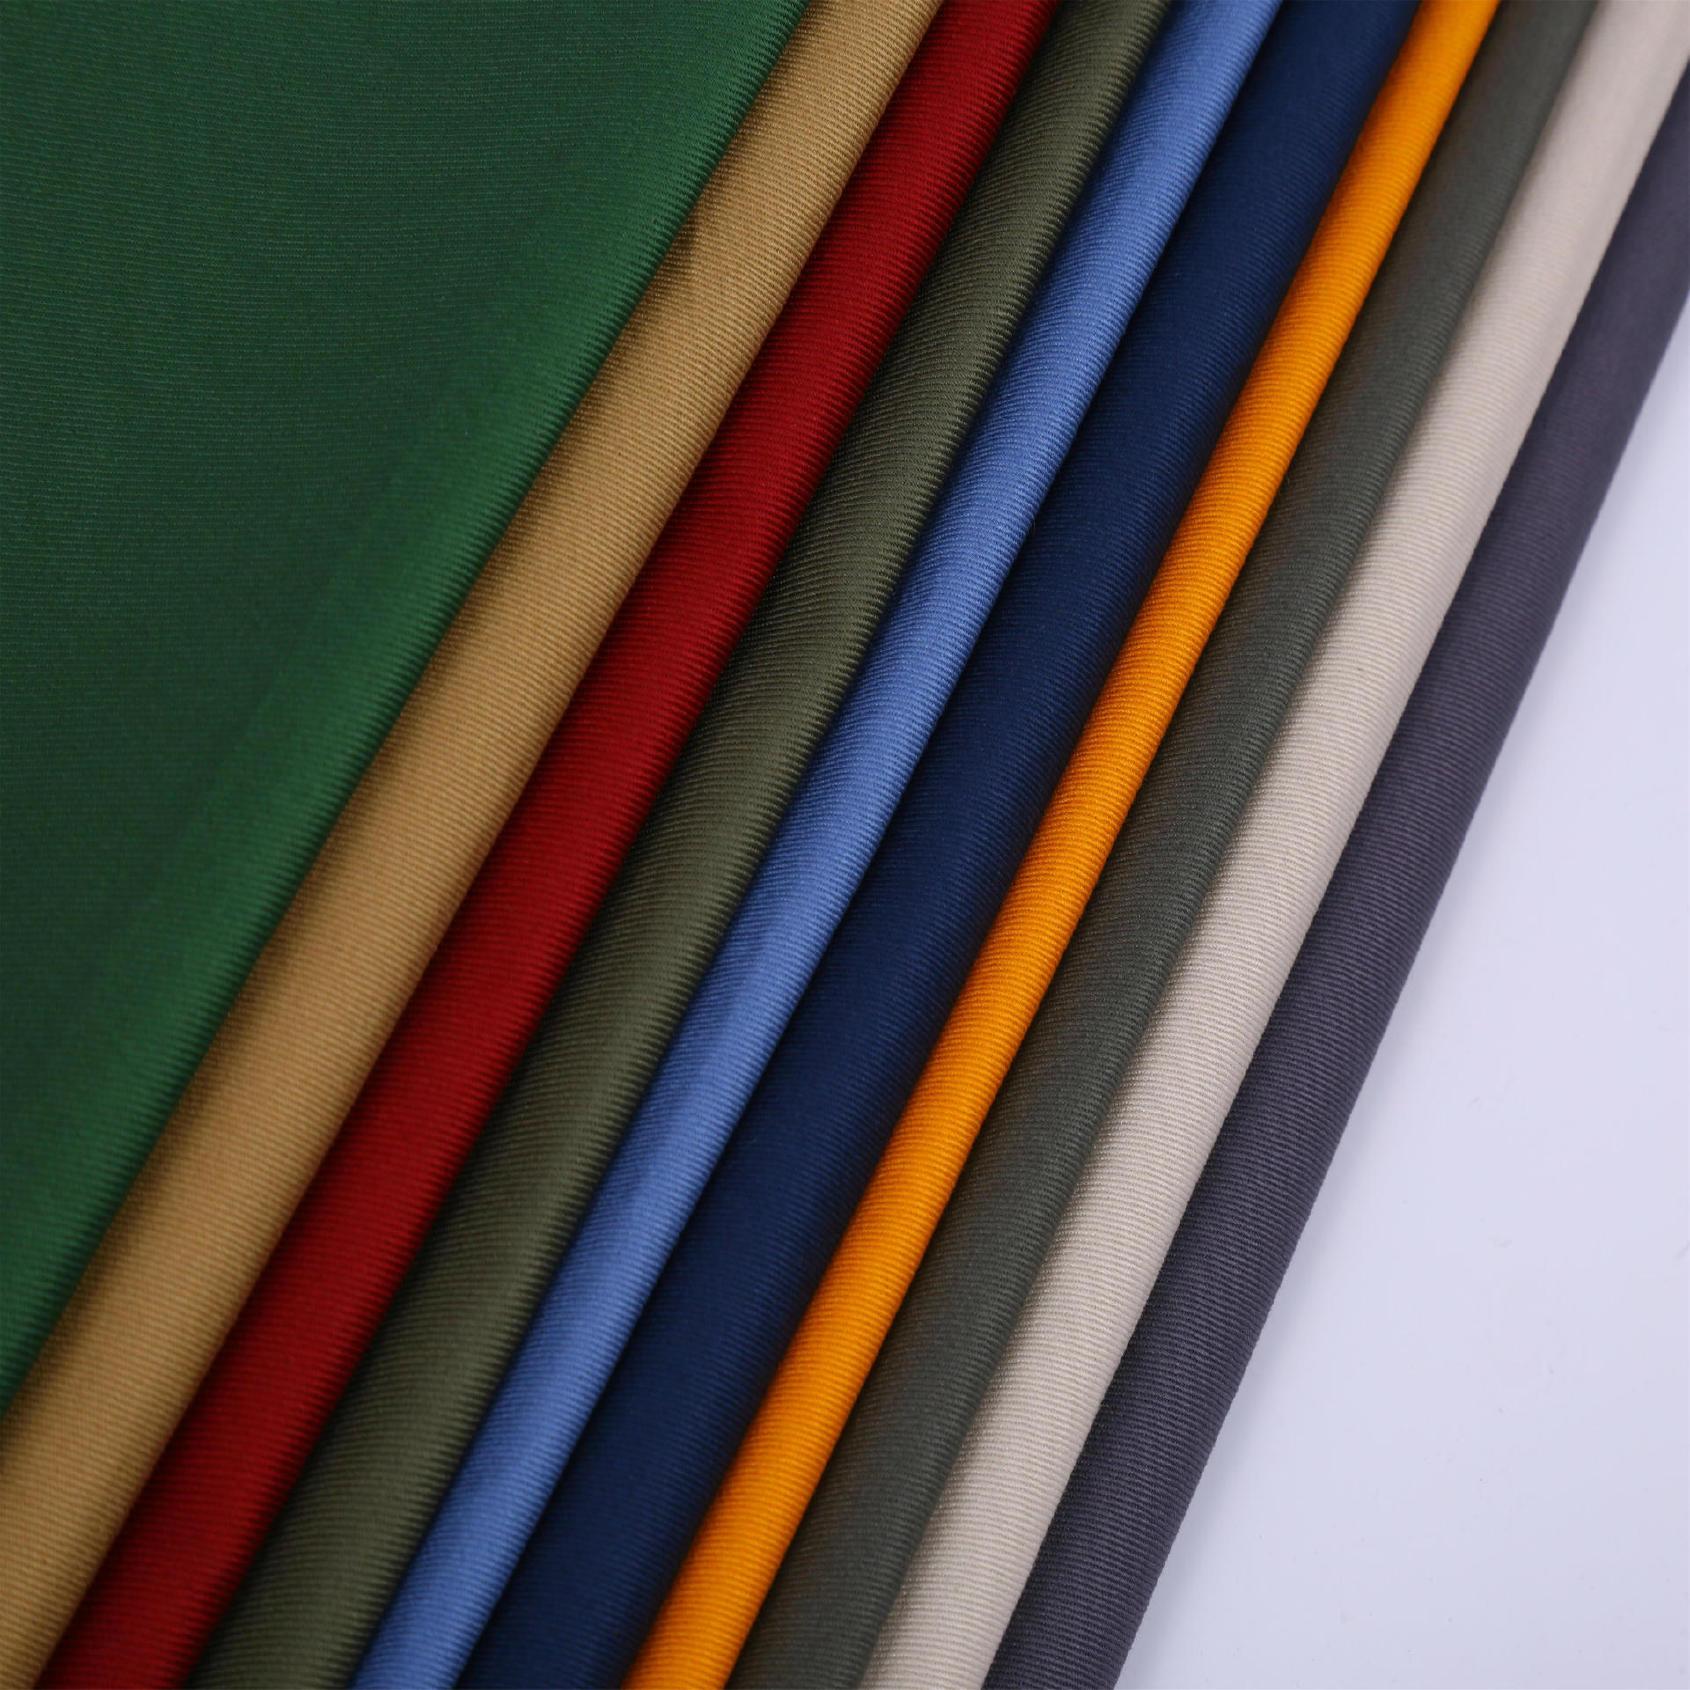 現貨供應230克全棉斜紋工裝布料勞保制服布料圖片